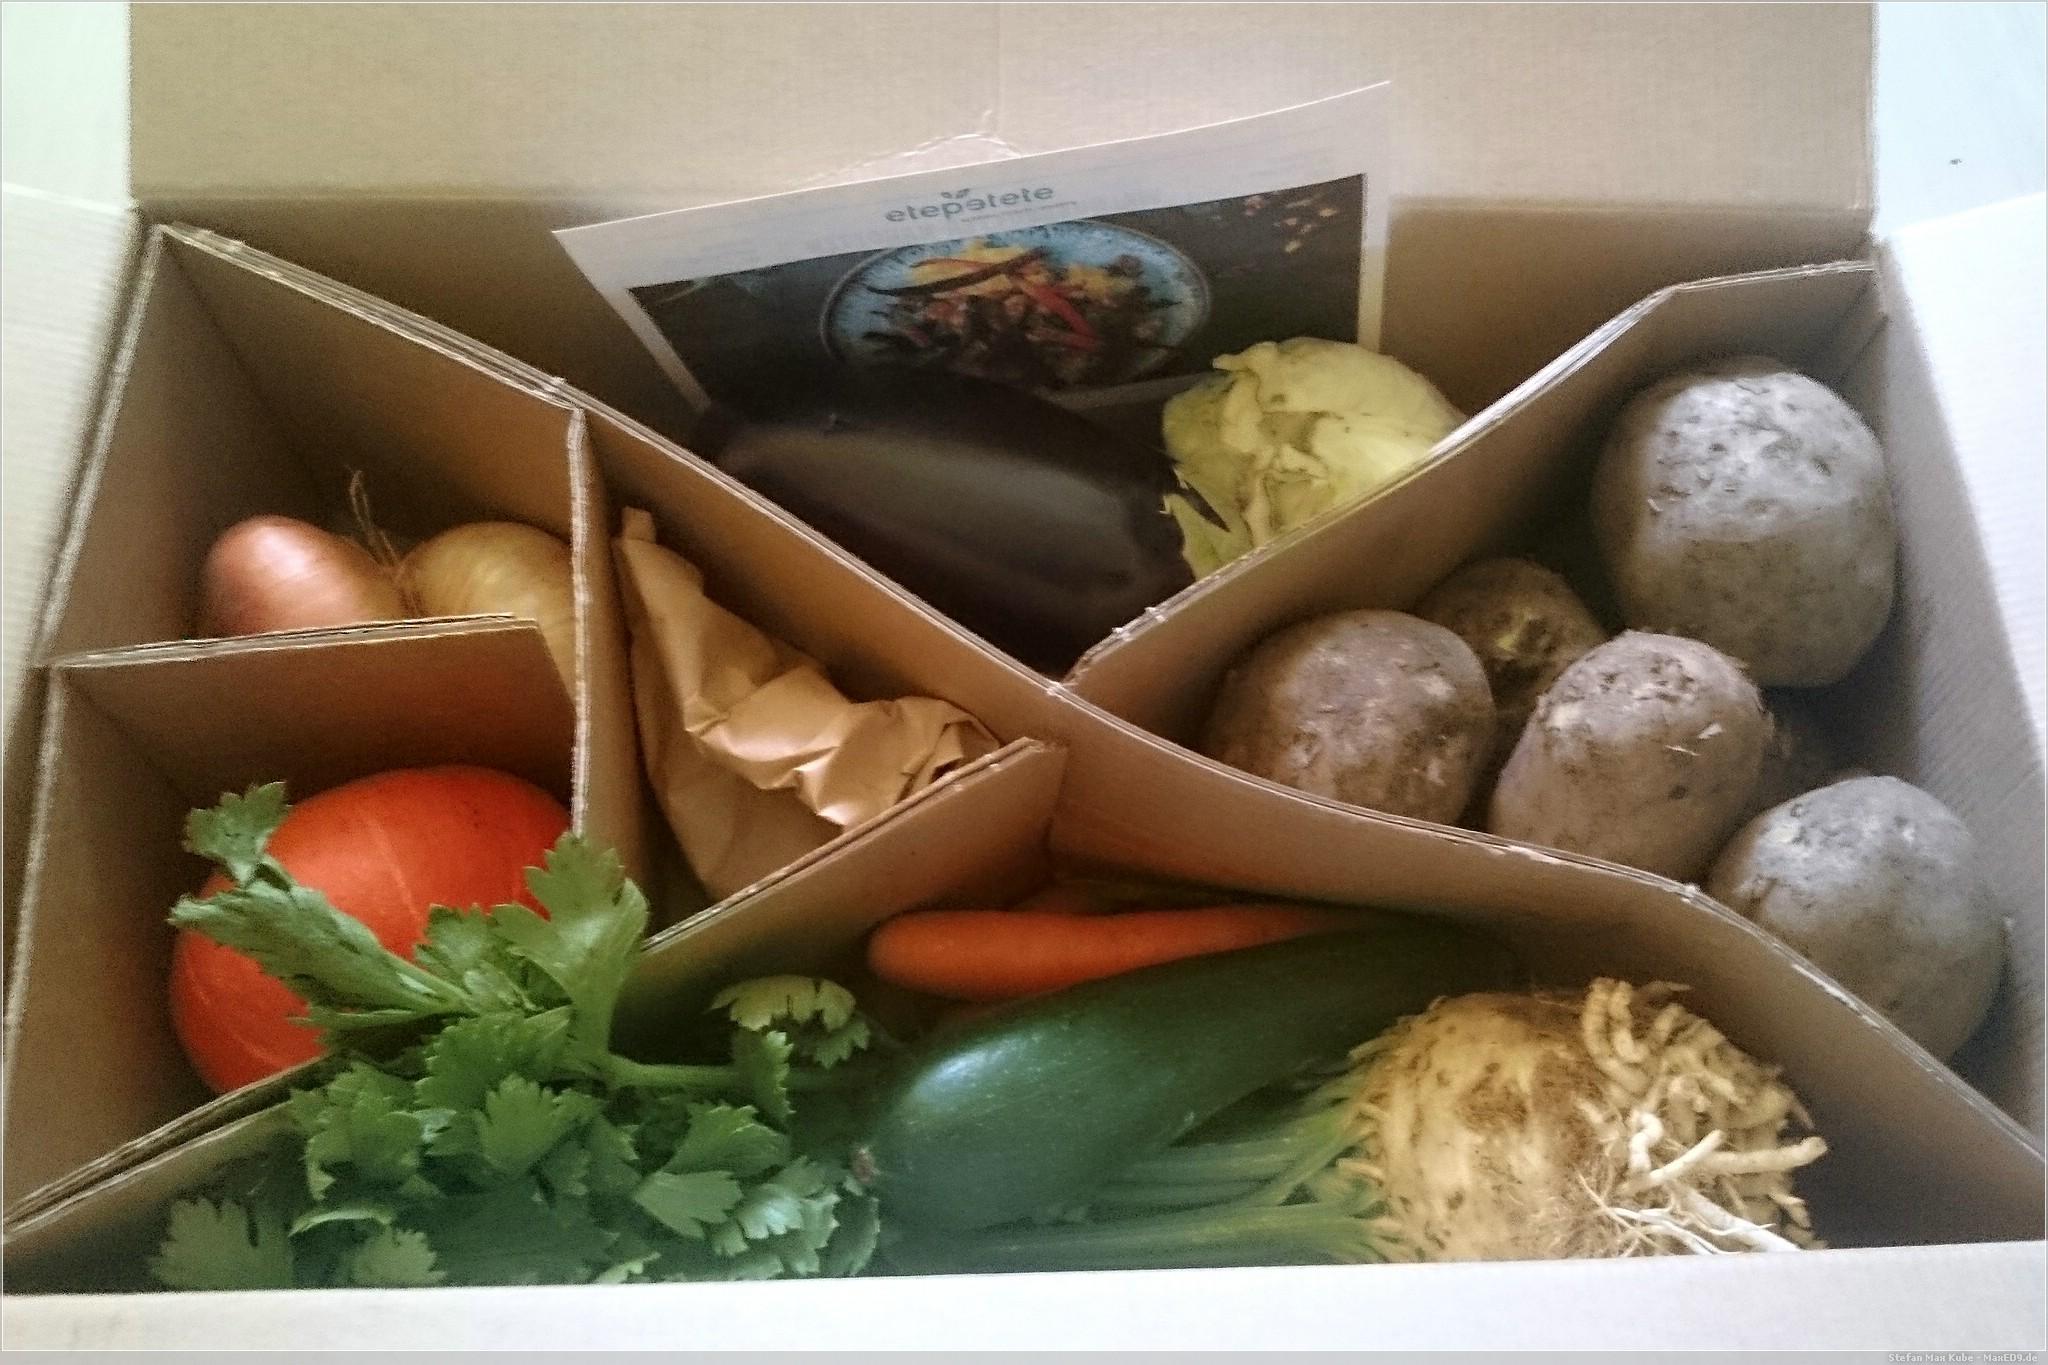 geliefert: Bio-Gemüse von etepetete